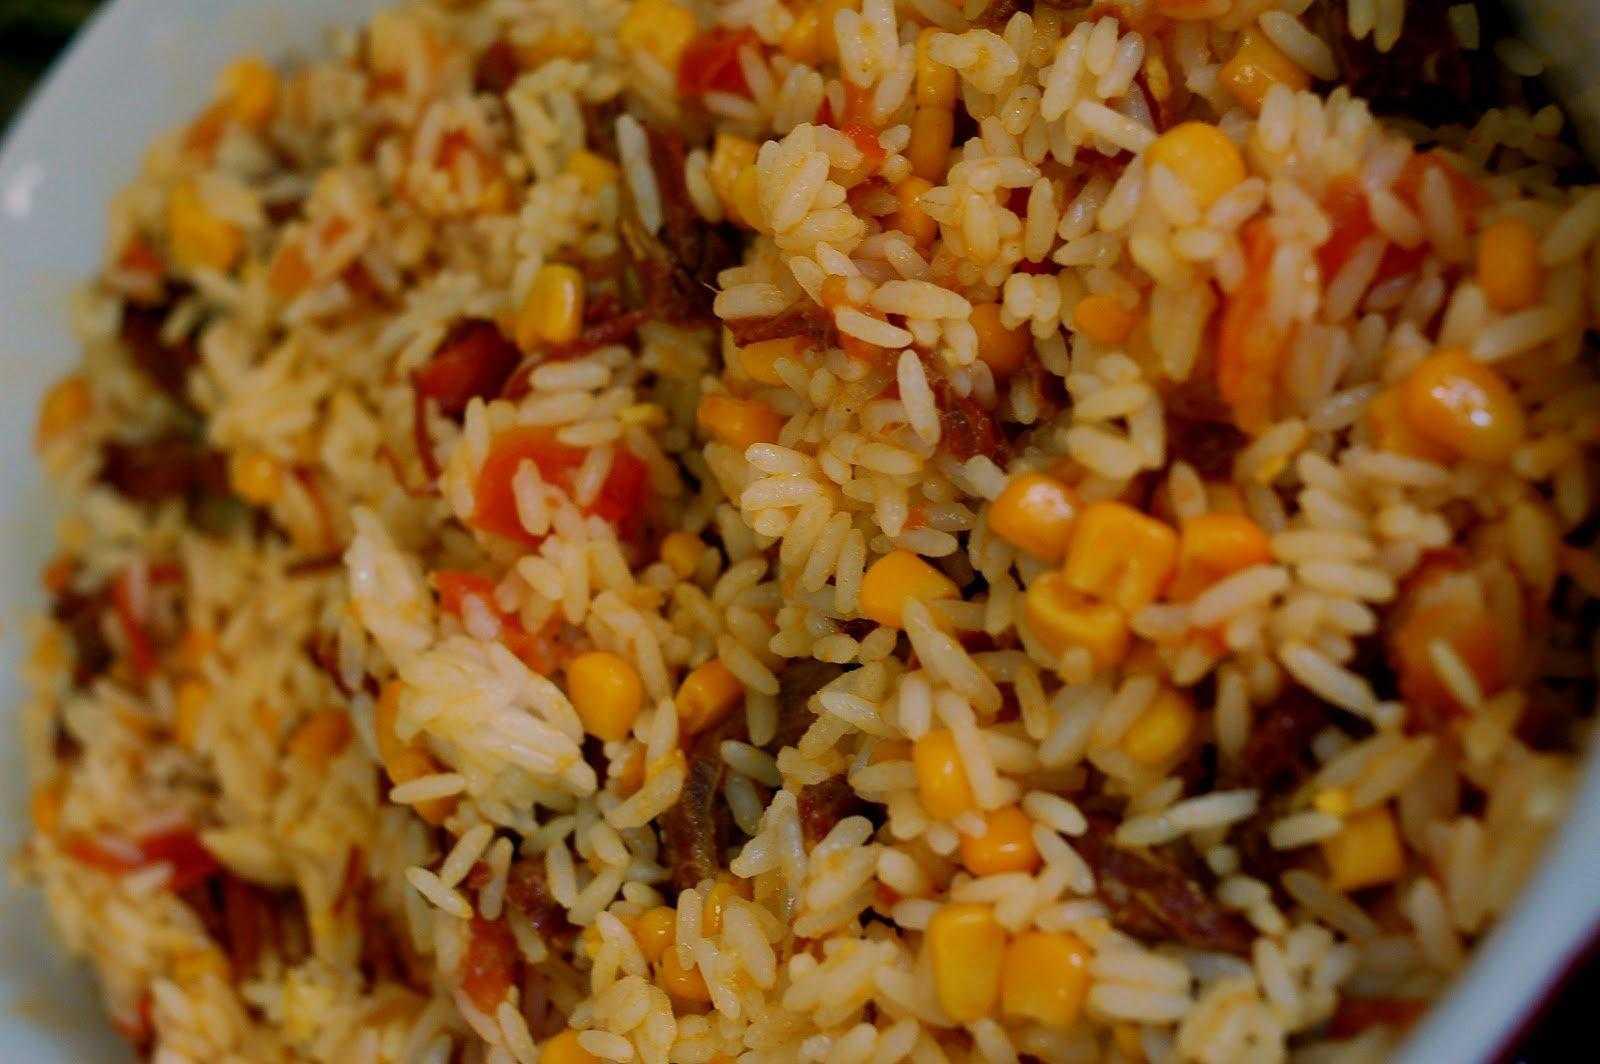 img arroz temperado com frango 3430 orig - ARROZ COM FRANGO DE UMA PANELA SÓ